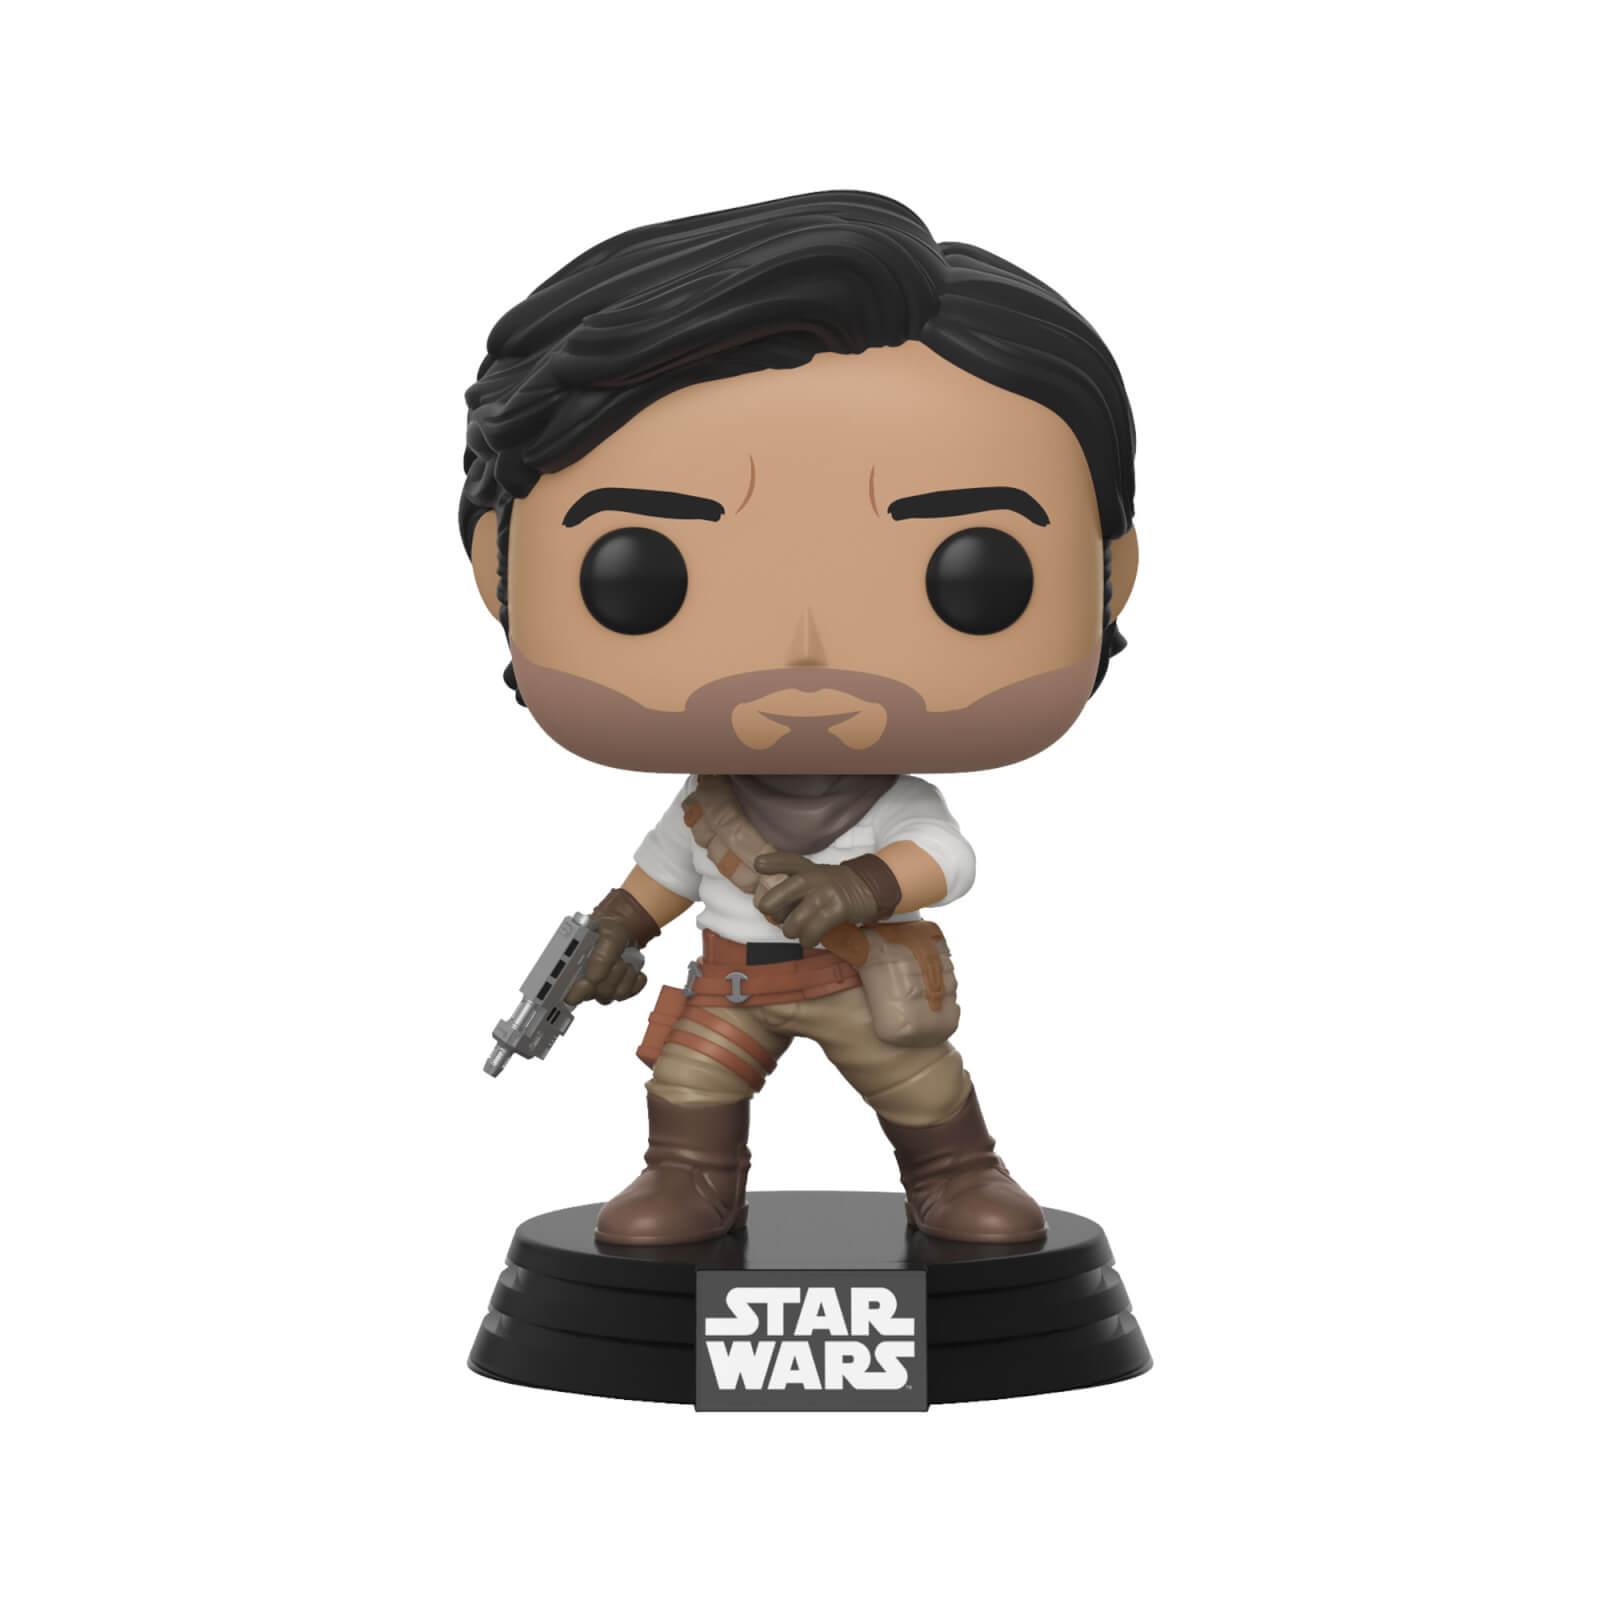 POP! Star Wars: The Rise of Skywalker - Poe Dameron